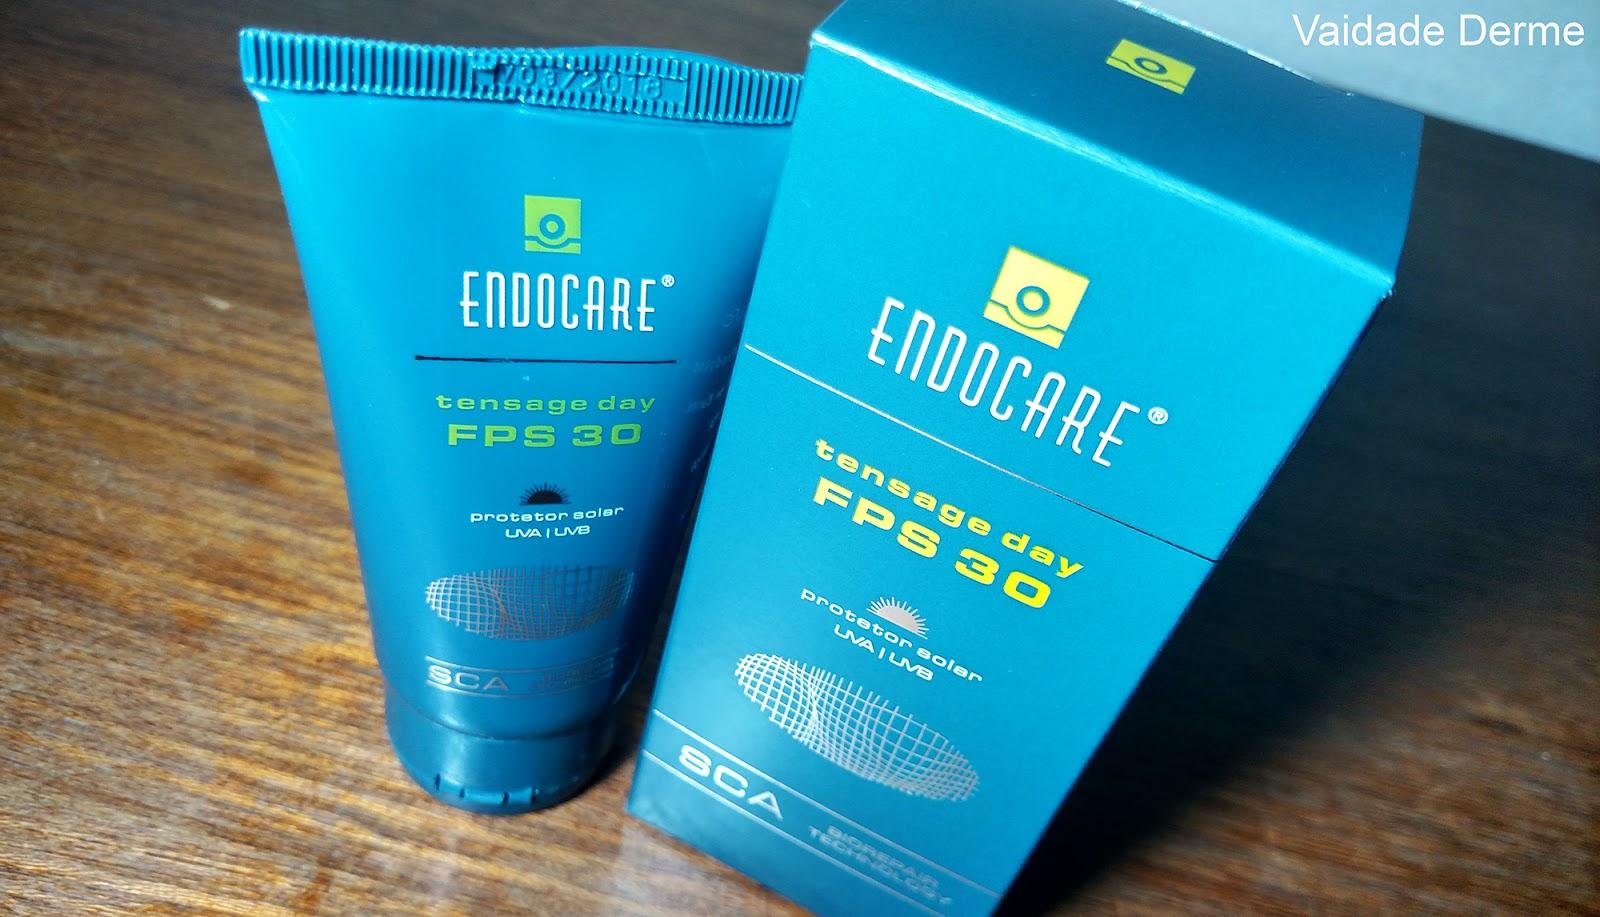 Endocare Tensage Day FPS 30